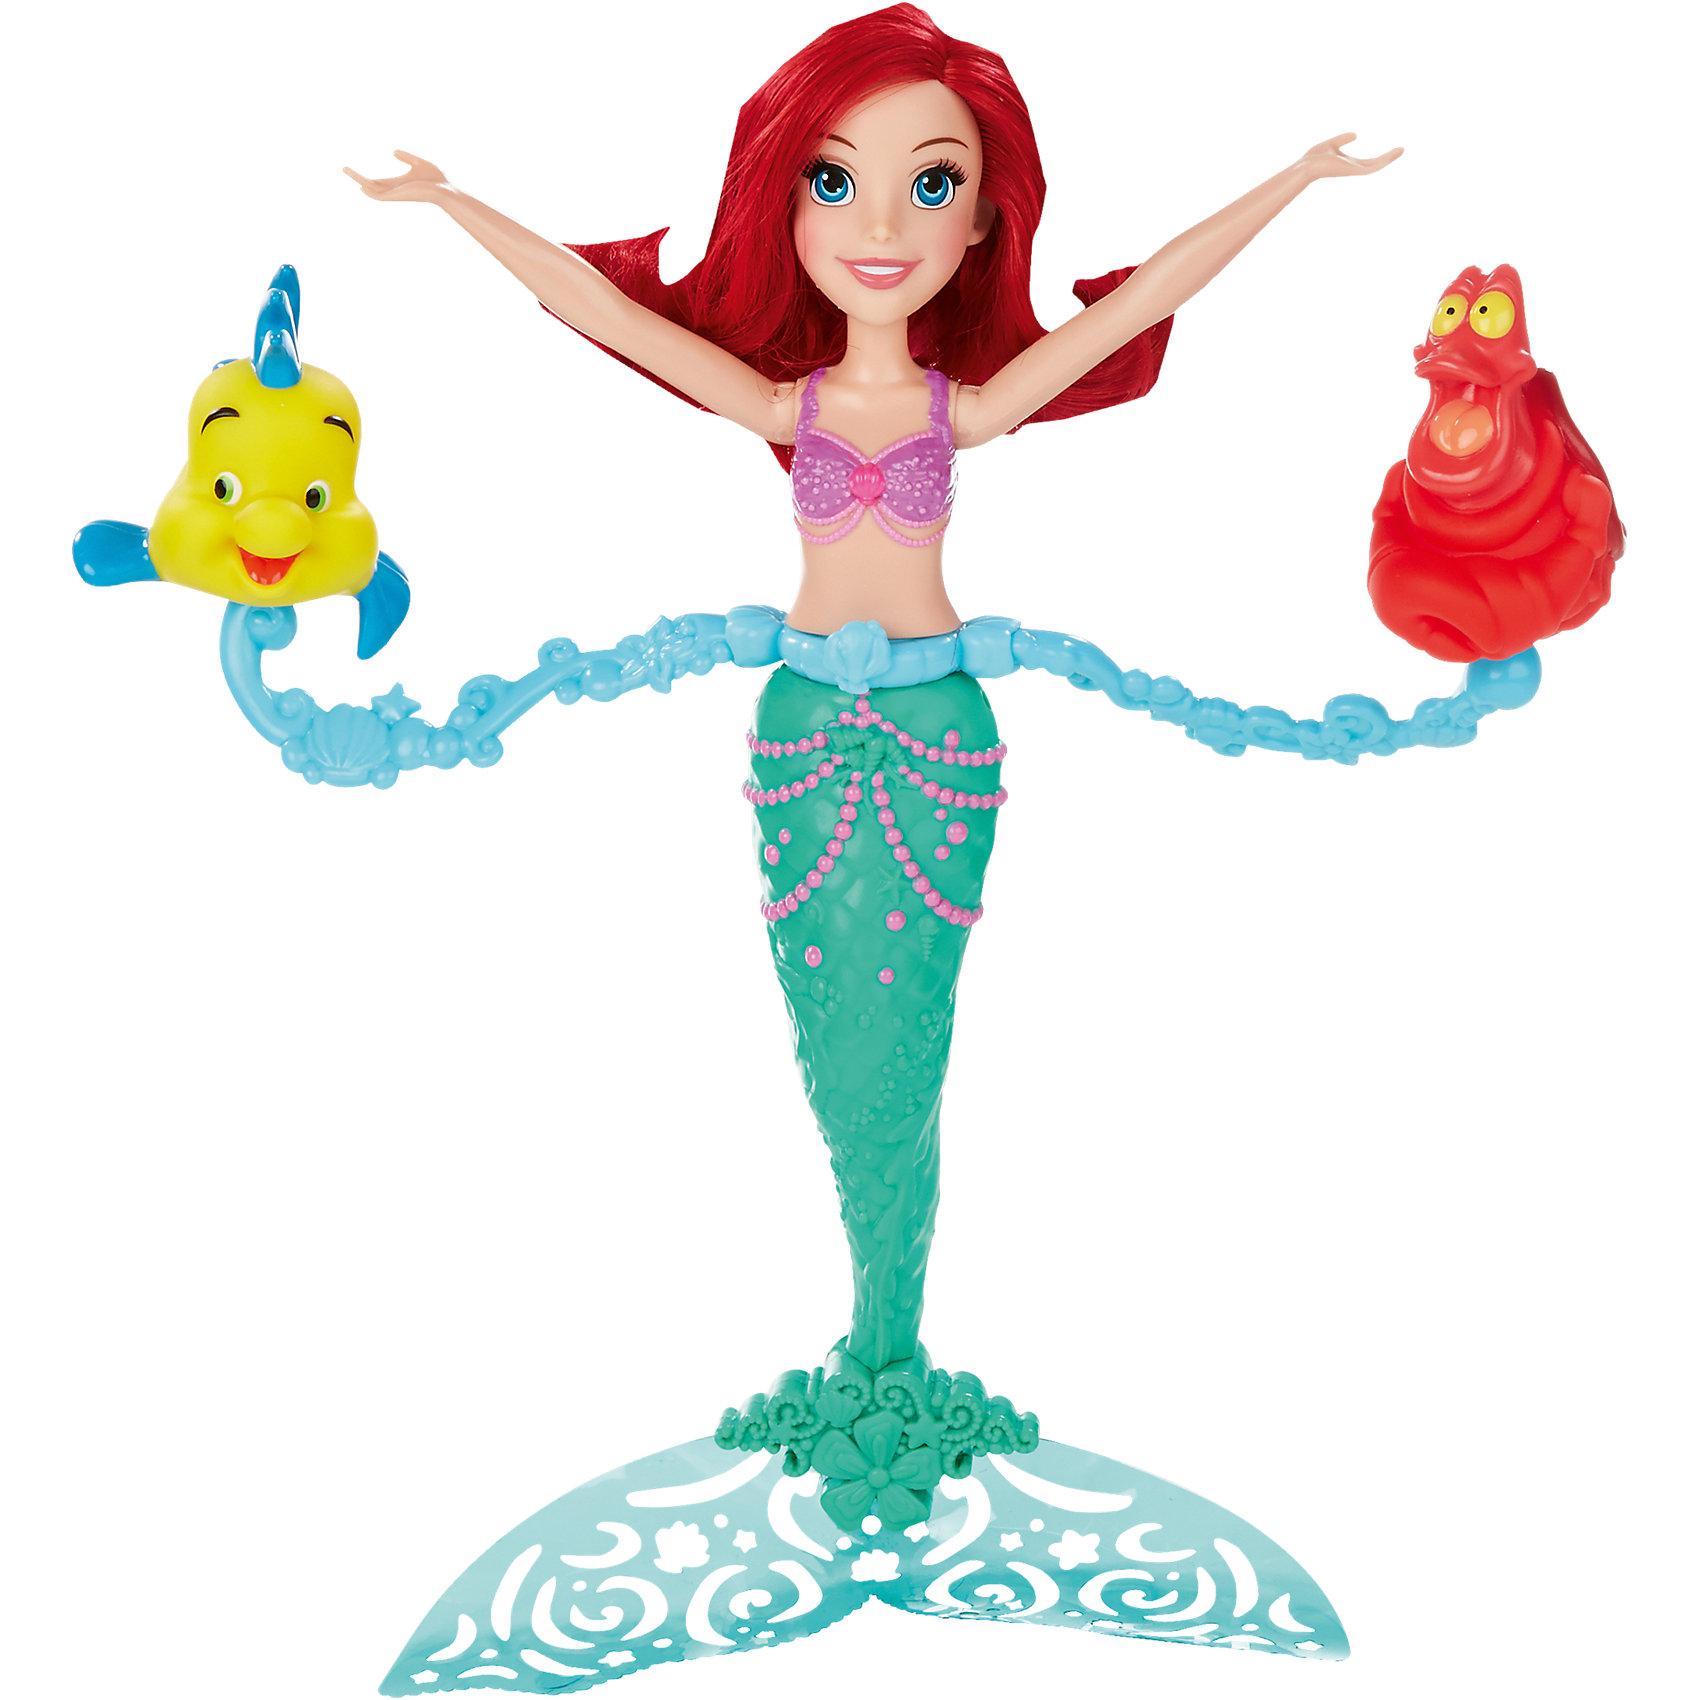 Ариель плавающая в воде, Принцессы ДиснейАриель плавающая в воде, Принцессы Дисней (Disney Princess) - оригинальная кукла, которая не оставит равнодушной Вашу девочку. Очаровательная куколка умеет плавать и держаться на воде, а к ее талии крепятся фигурки ее друзей - рыбки Флаундера и краба Себастьяна. На спине игрушки находится заводной механизм в виде раковины, заведите его, снимите блокировку и опустите Ариэль в воду - русалка весело закружится вместе со своими друзьями! Кукла очень похожа на свою героиню из популярного диснеевского мультфильма. У нее длинные огненно-рыжие волосы, красивое приветливое лицо с большими голубыми глазами и конечно, же русалочий хвост, декорированный причудливыми узорами. Руки и голова куклы подвижные. Игрушка разнообразит купание Вашего ребенка и превратит его в увлекательную игру.<br><br>Дополнительная информация:<br><br>- В комплекте: кукла Ариэль, 2 фигурки (Флаундер и Себастьян).<br>- Материал: пластик.<br>- Высота куклы: 28 см.<br>- Размер упаковки: 22,9 x 6,4 x 33 см.<br>- Вес: 0,4 кг.<br><br>Ариель плавающую в воде, Принцессы Дисней (Disney Princess), можно купить в нашем интернет-магазине.<br><br>Ширина мм: 332<br>Глубина мм: 228<br>Высота мм: 66<br>Вес г: 346<br>Возраст от месяцев: 36<br>Возраст до месяцев: 72<br>Пол: Женский<br>Возраст: Детский<br>SKU: 4443704